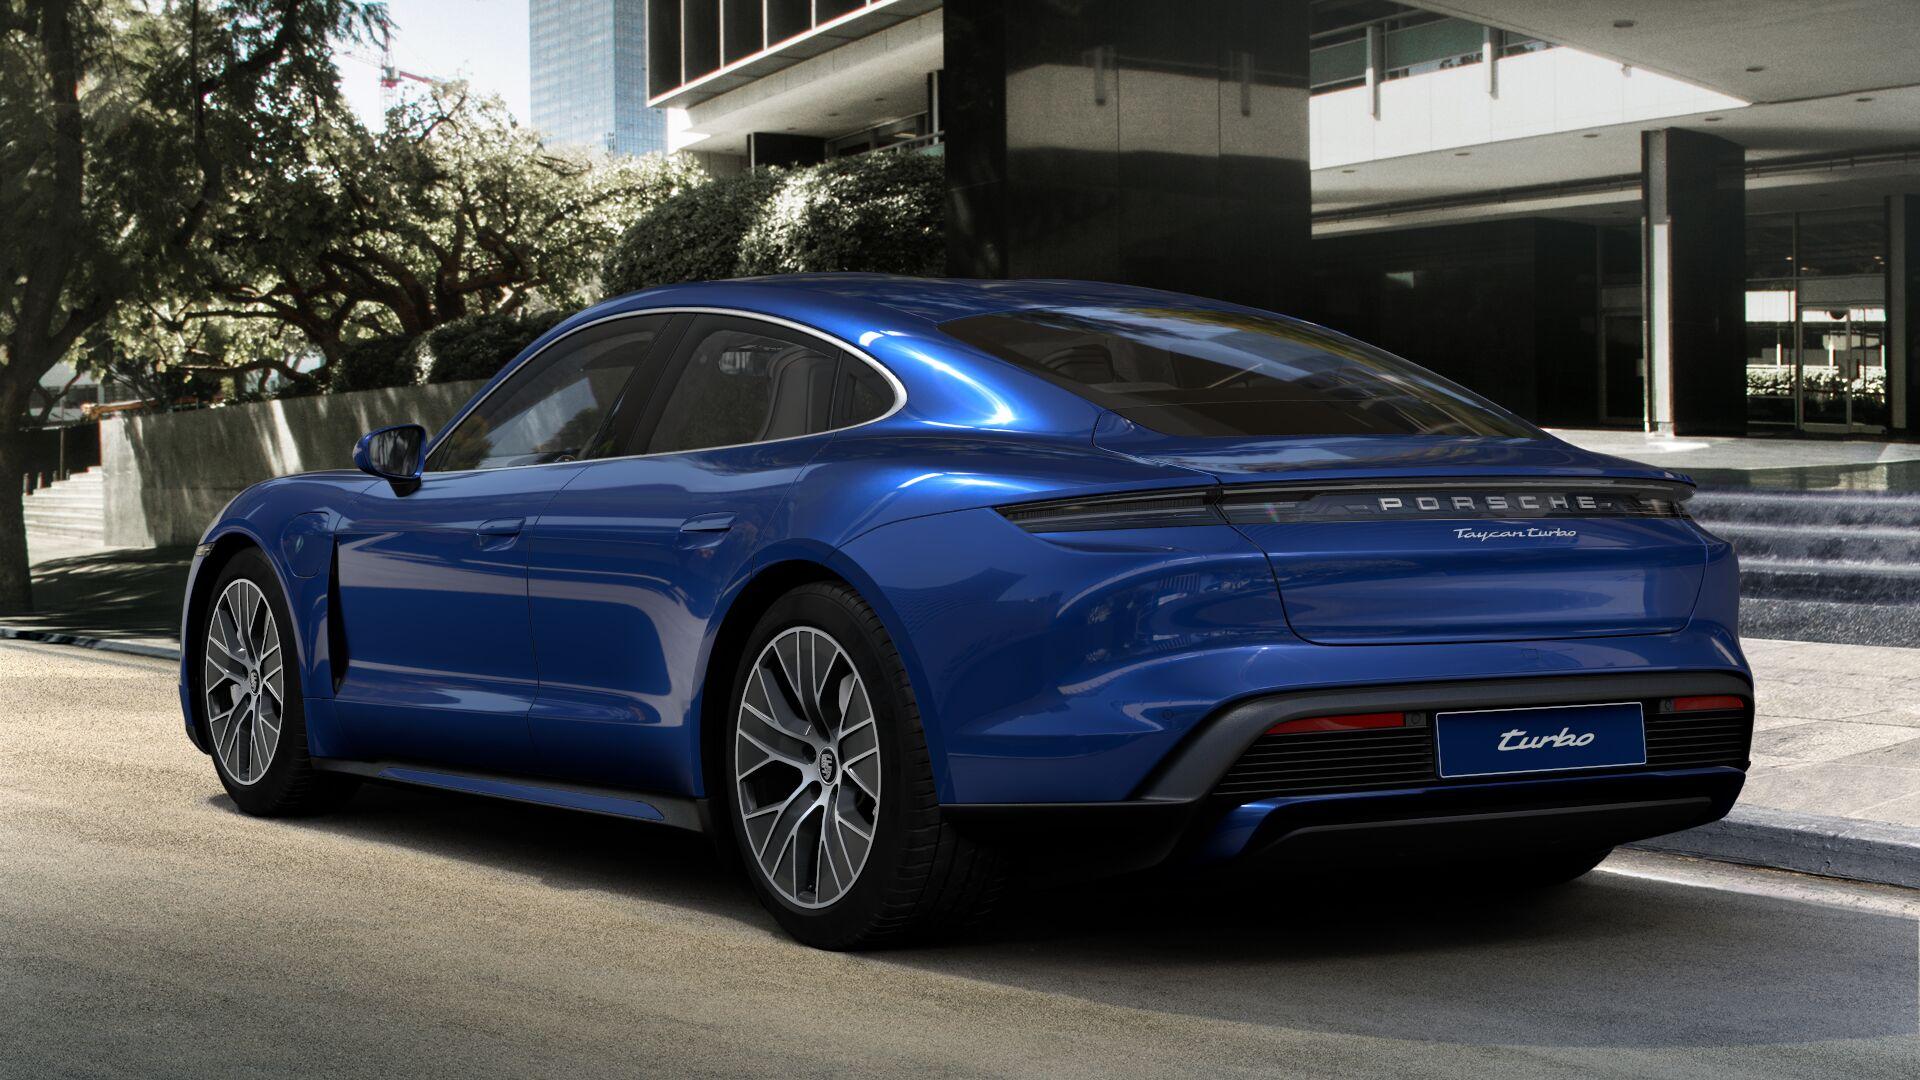 Heckansicht des neuen Porsche Taycan Turbo Bildquelle: Porsche